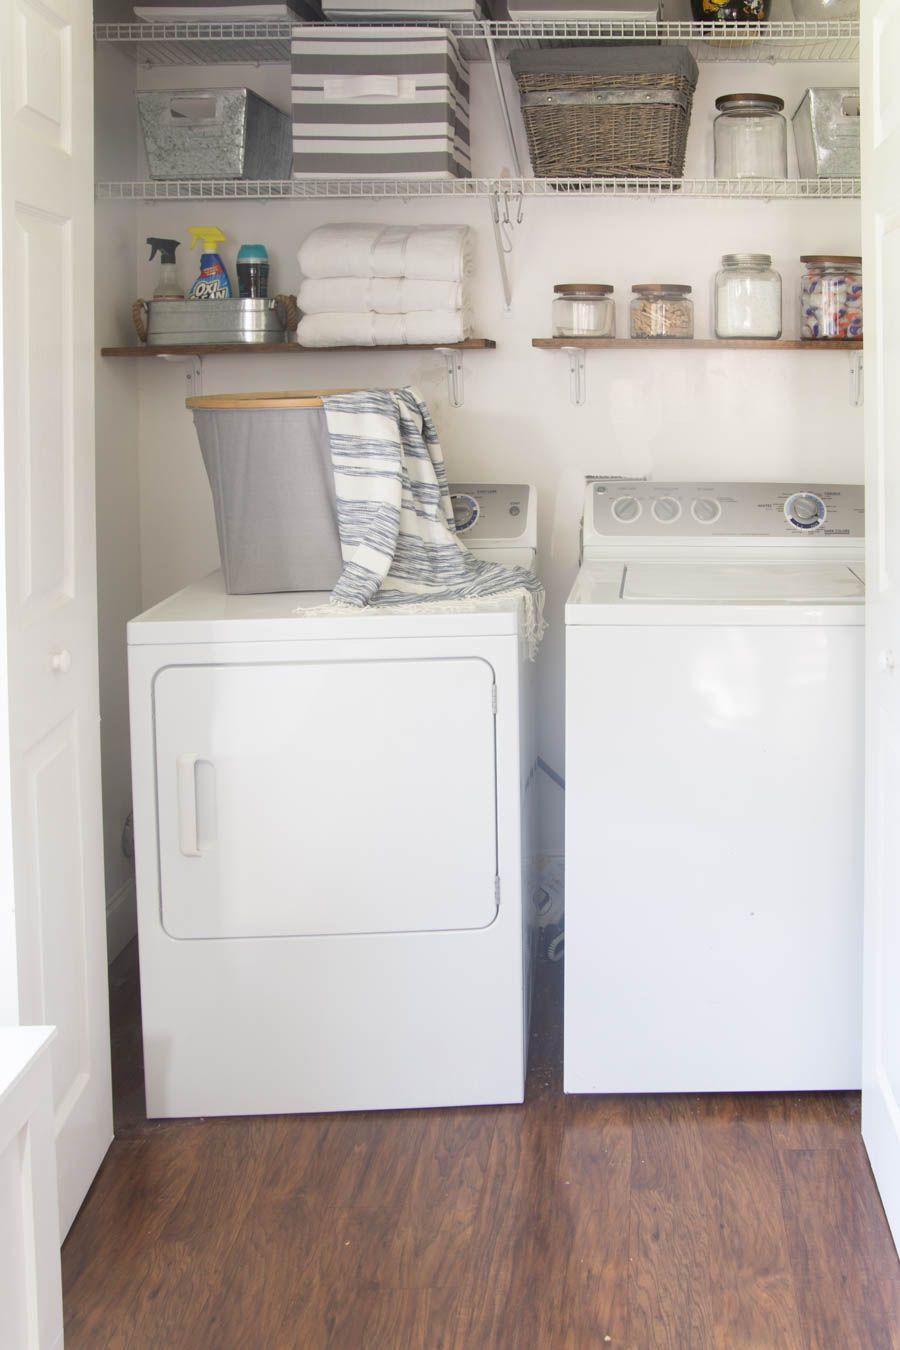 Laundry Closet Organization Ideas Part - 23: Beautifully Organized Small Laundry Rooms